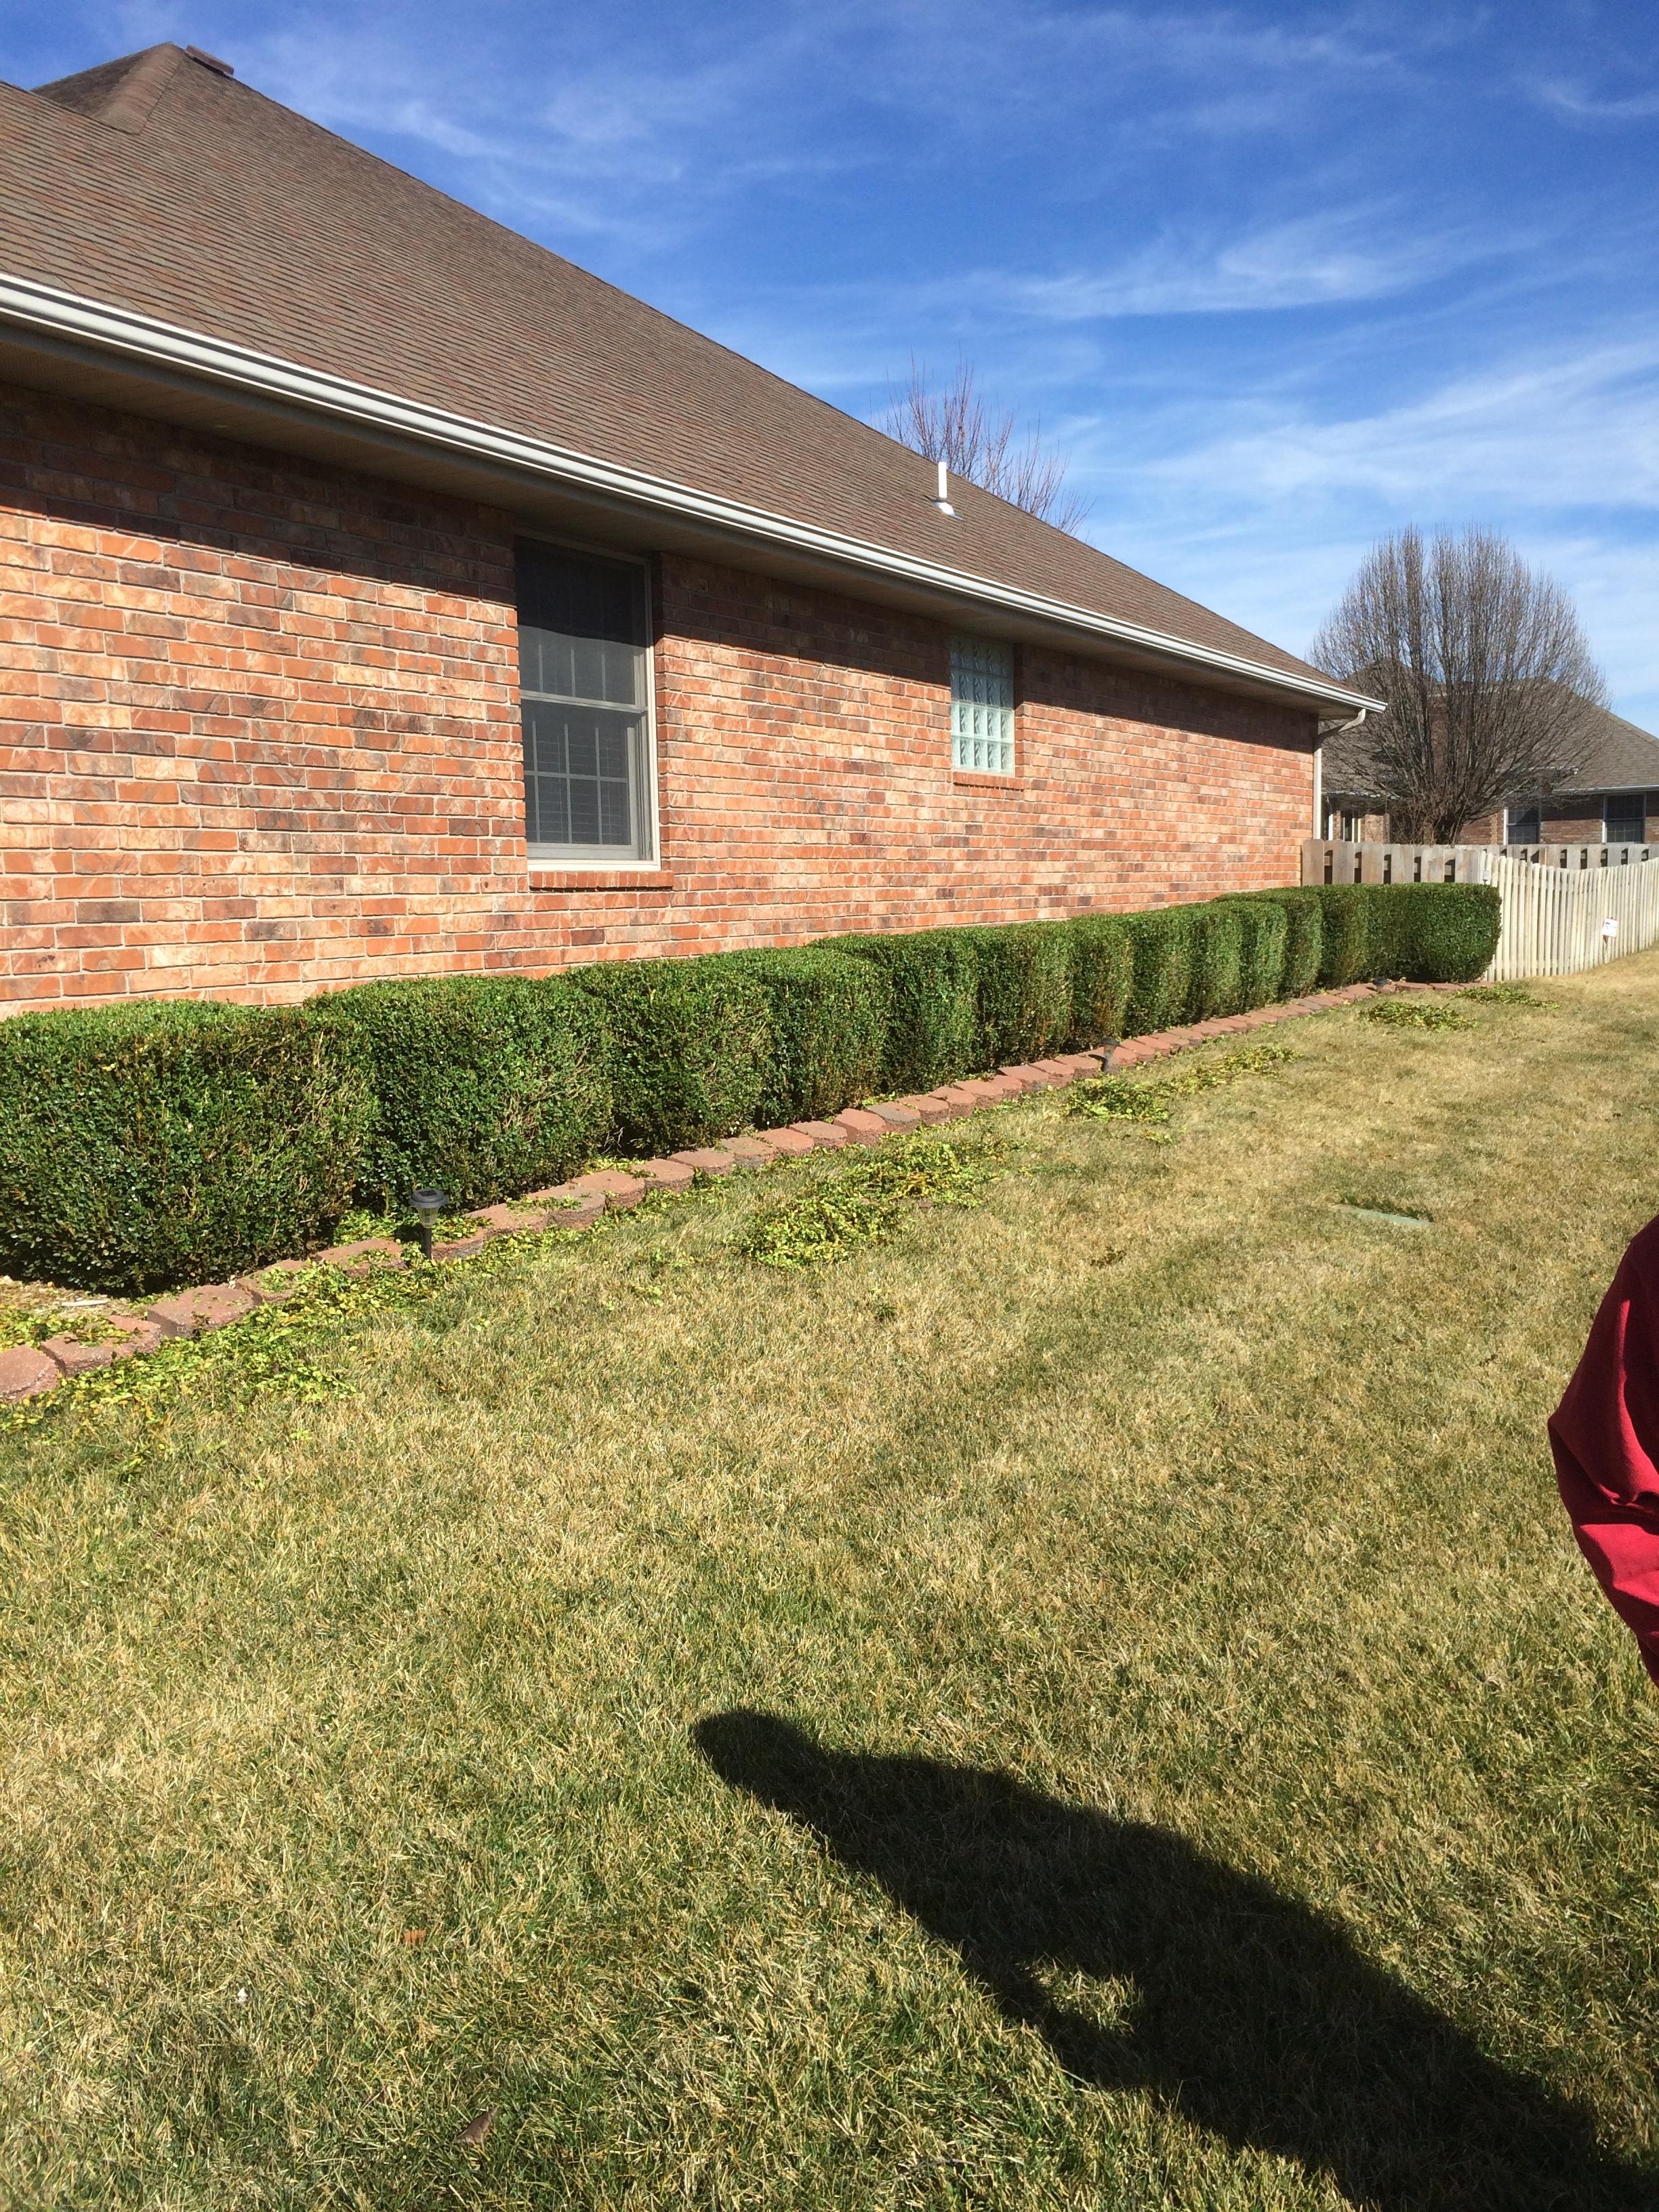 shrubs1.JPG